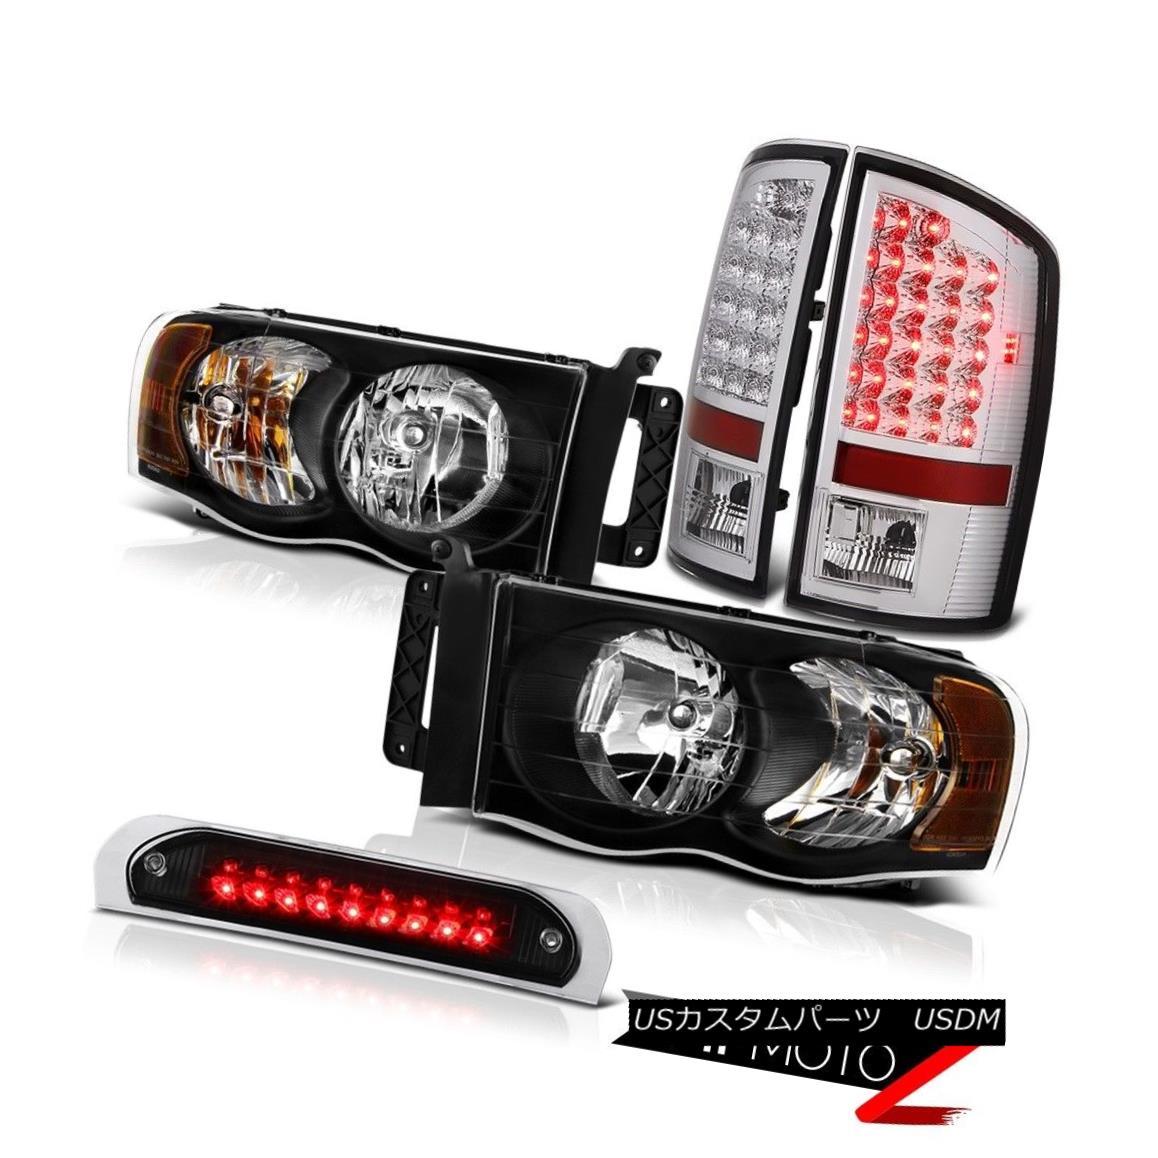 テールライト Inky Black Headlights LED Bulb Brake Rear Tail Lights High Stop 02-05 Ram SLT Inky BlackヘッドライトLED電球ブレーキリアテールライトハイストップ02-05 Ram SLT